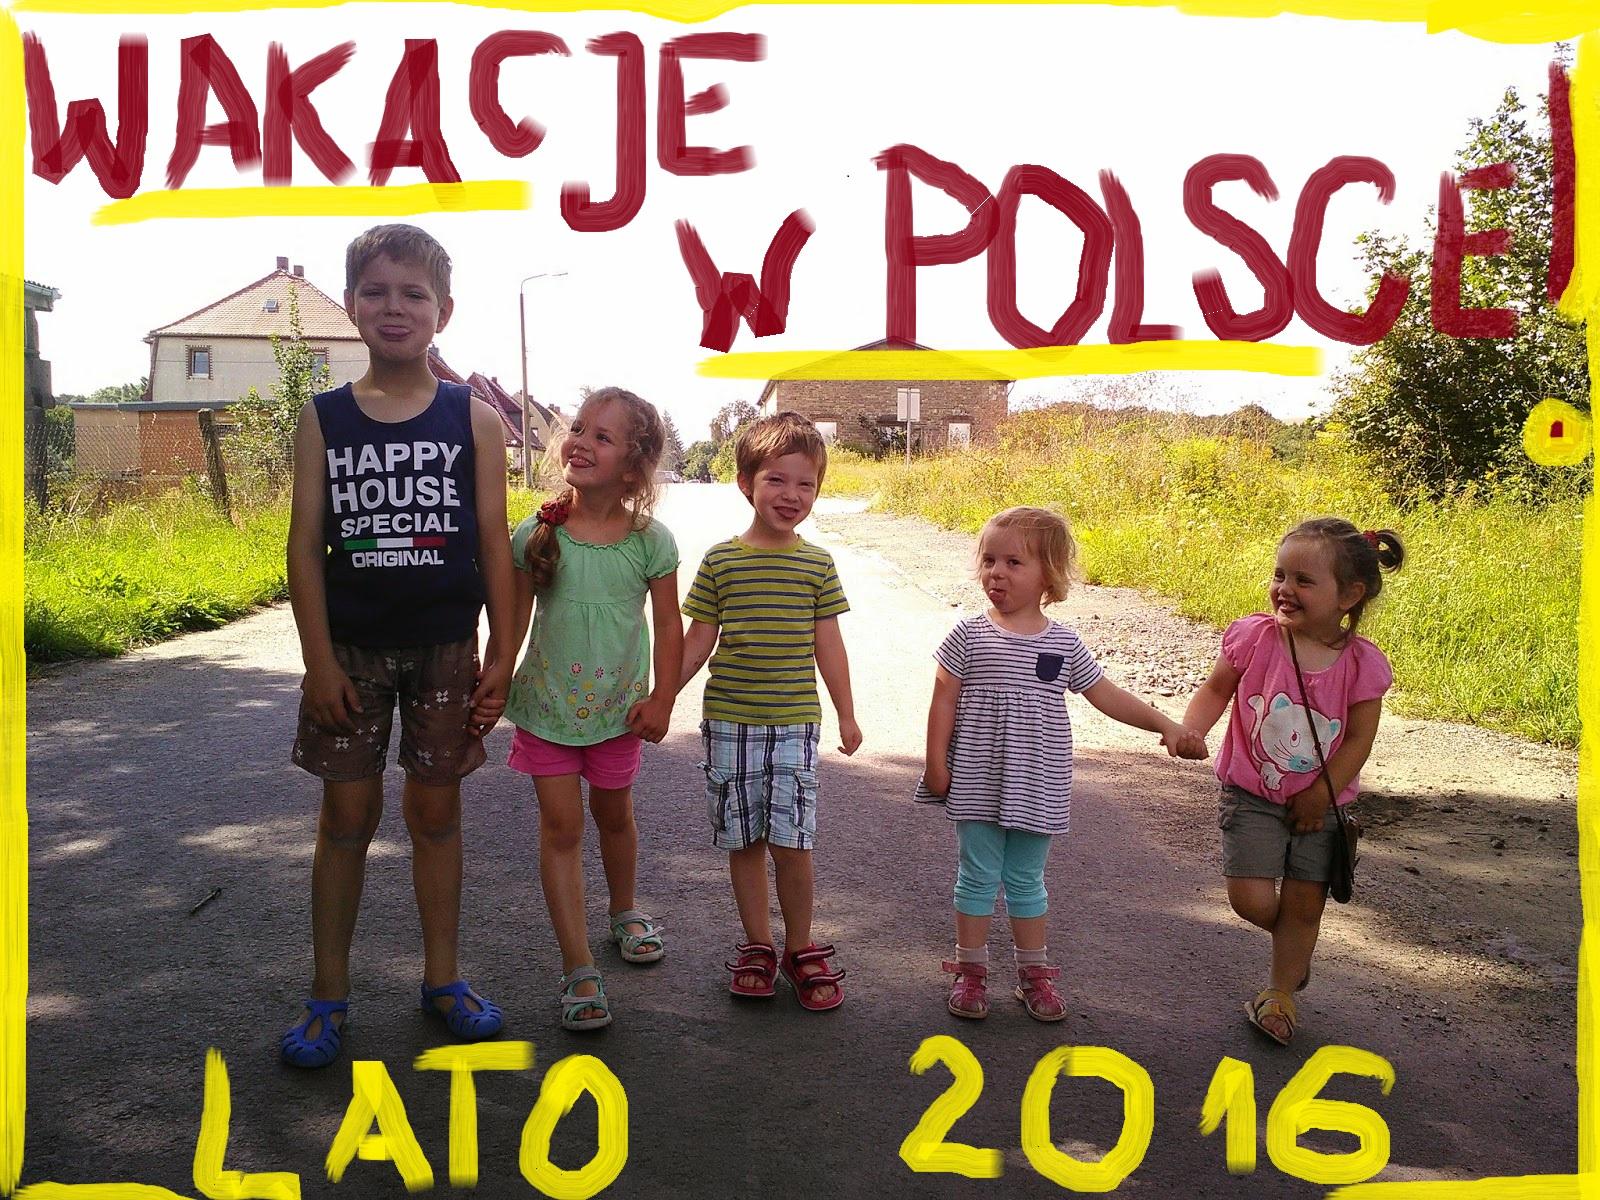 WAKACJE w POLSCE 2016